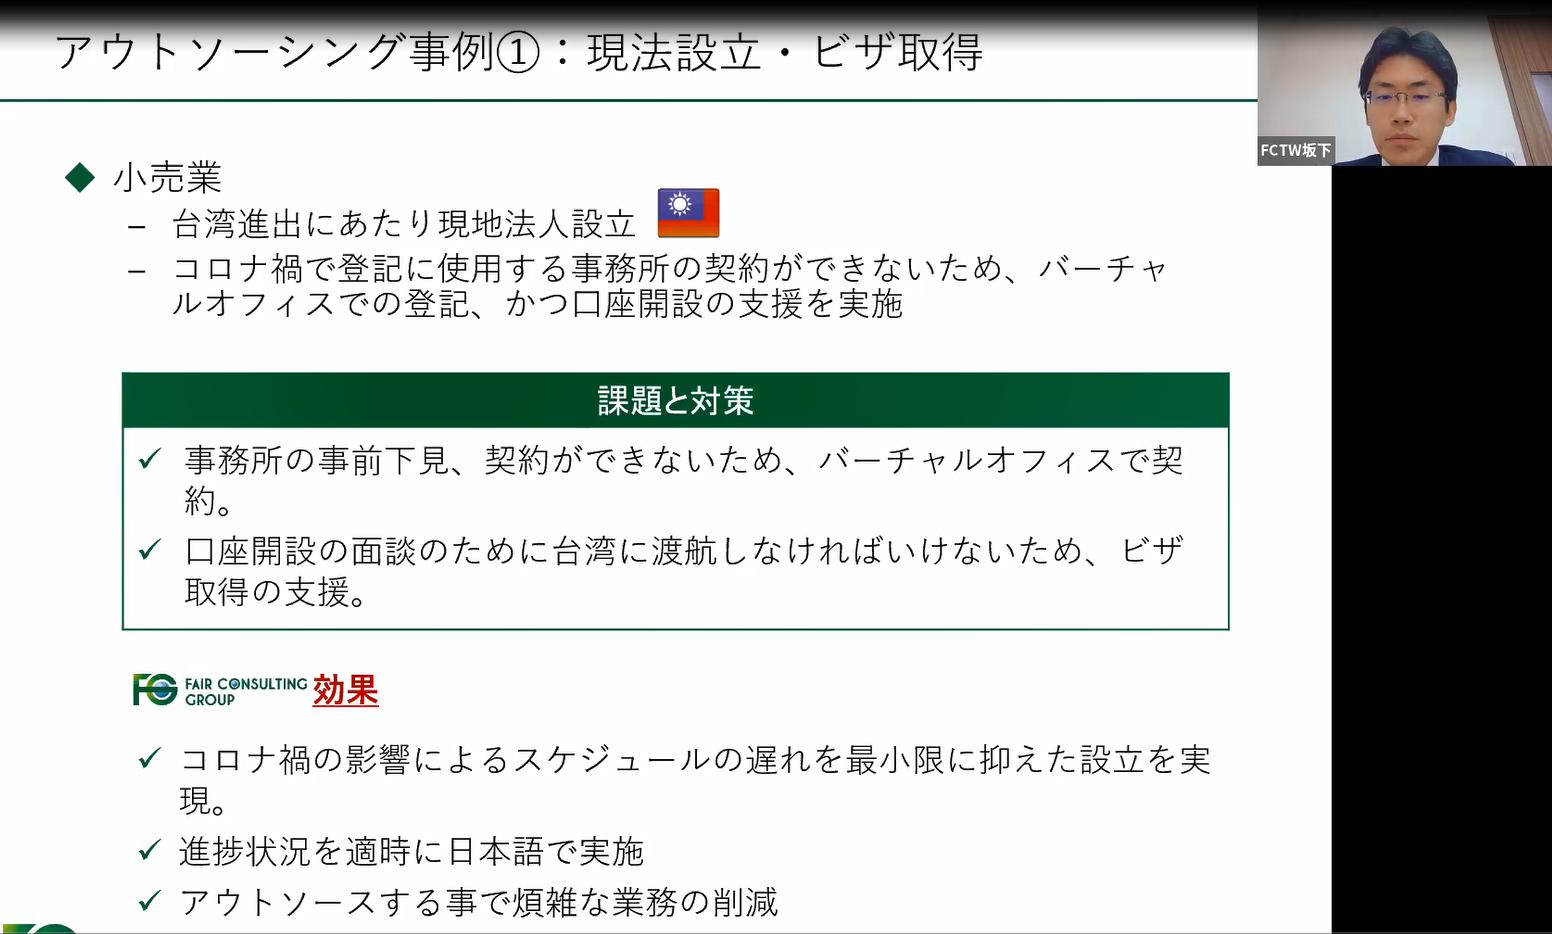 台湾現法設立・ビザ取得(アウトソーシング)事例